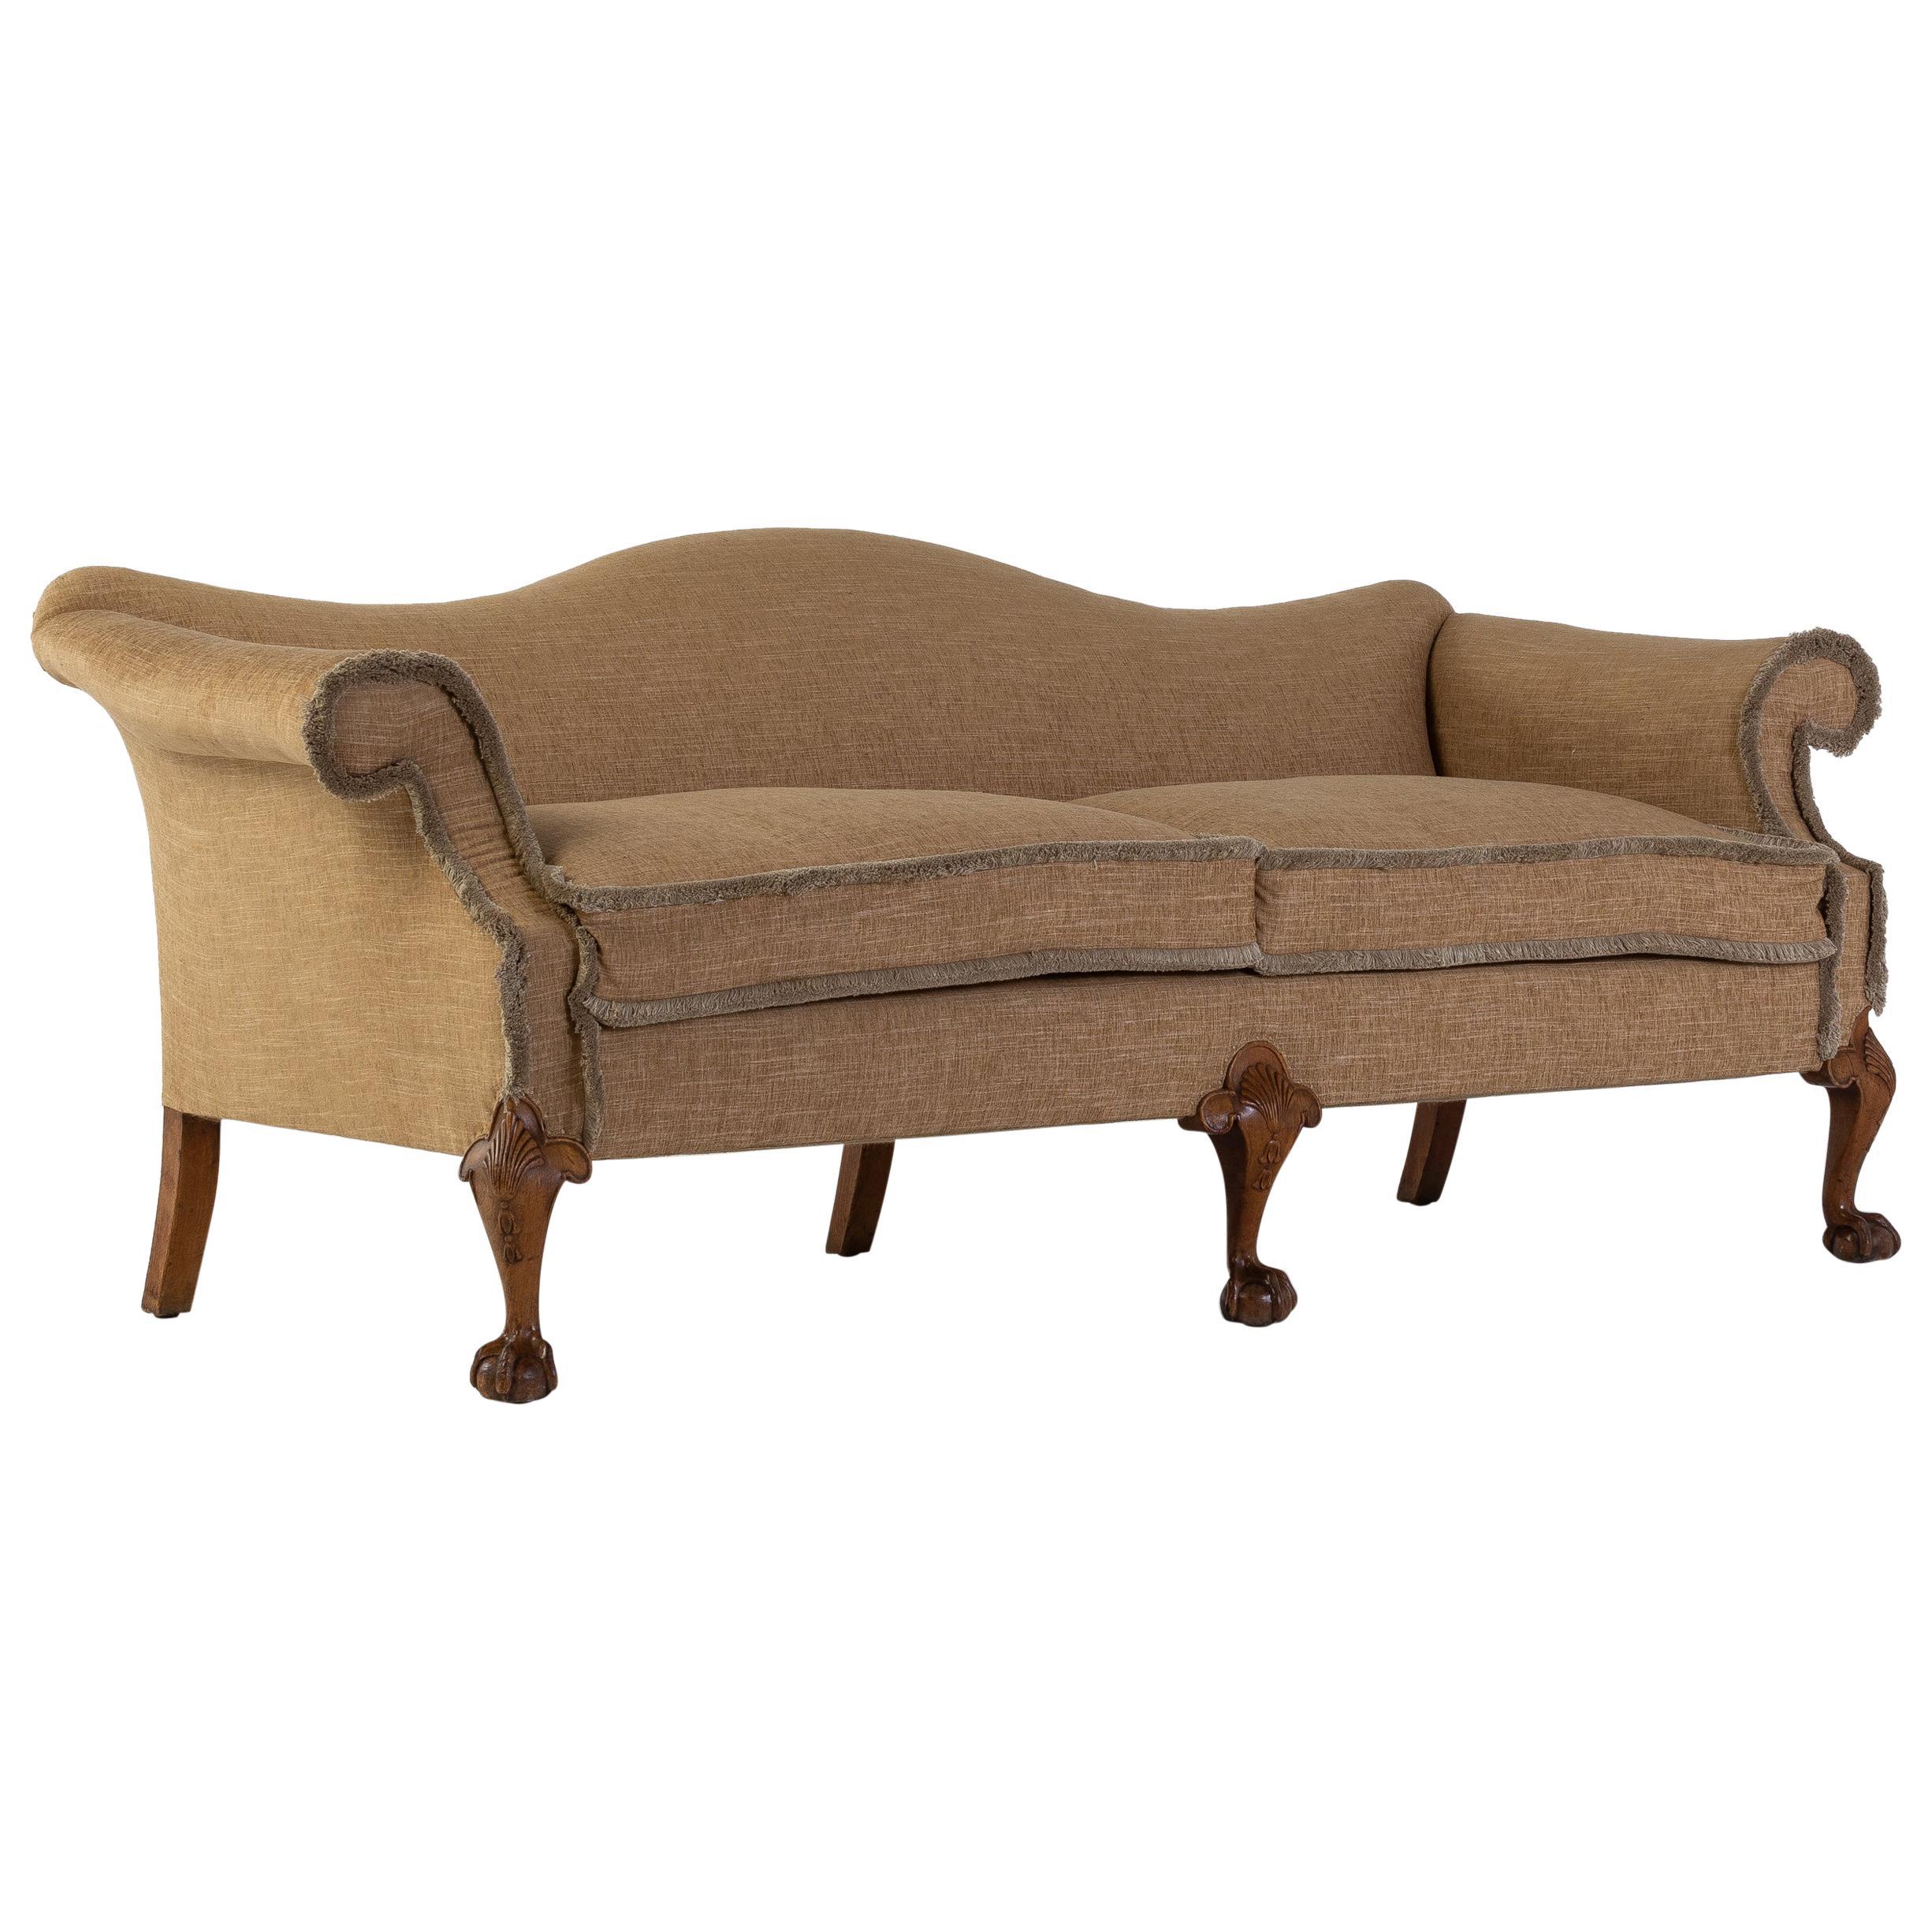 Large 19th Century Walnut Camel Back Sofa